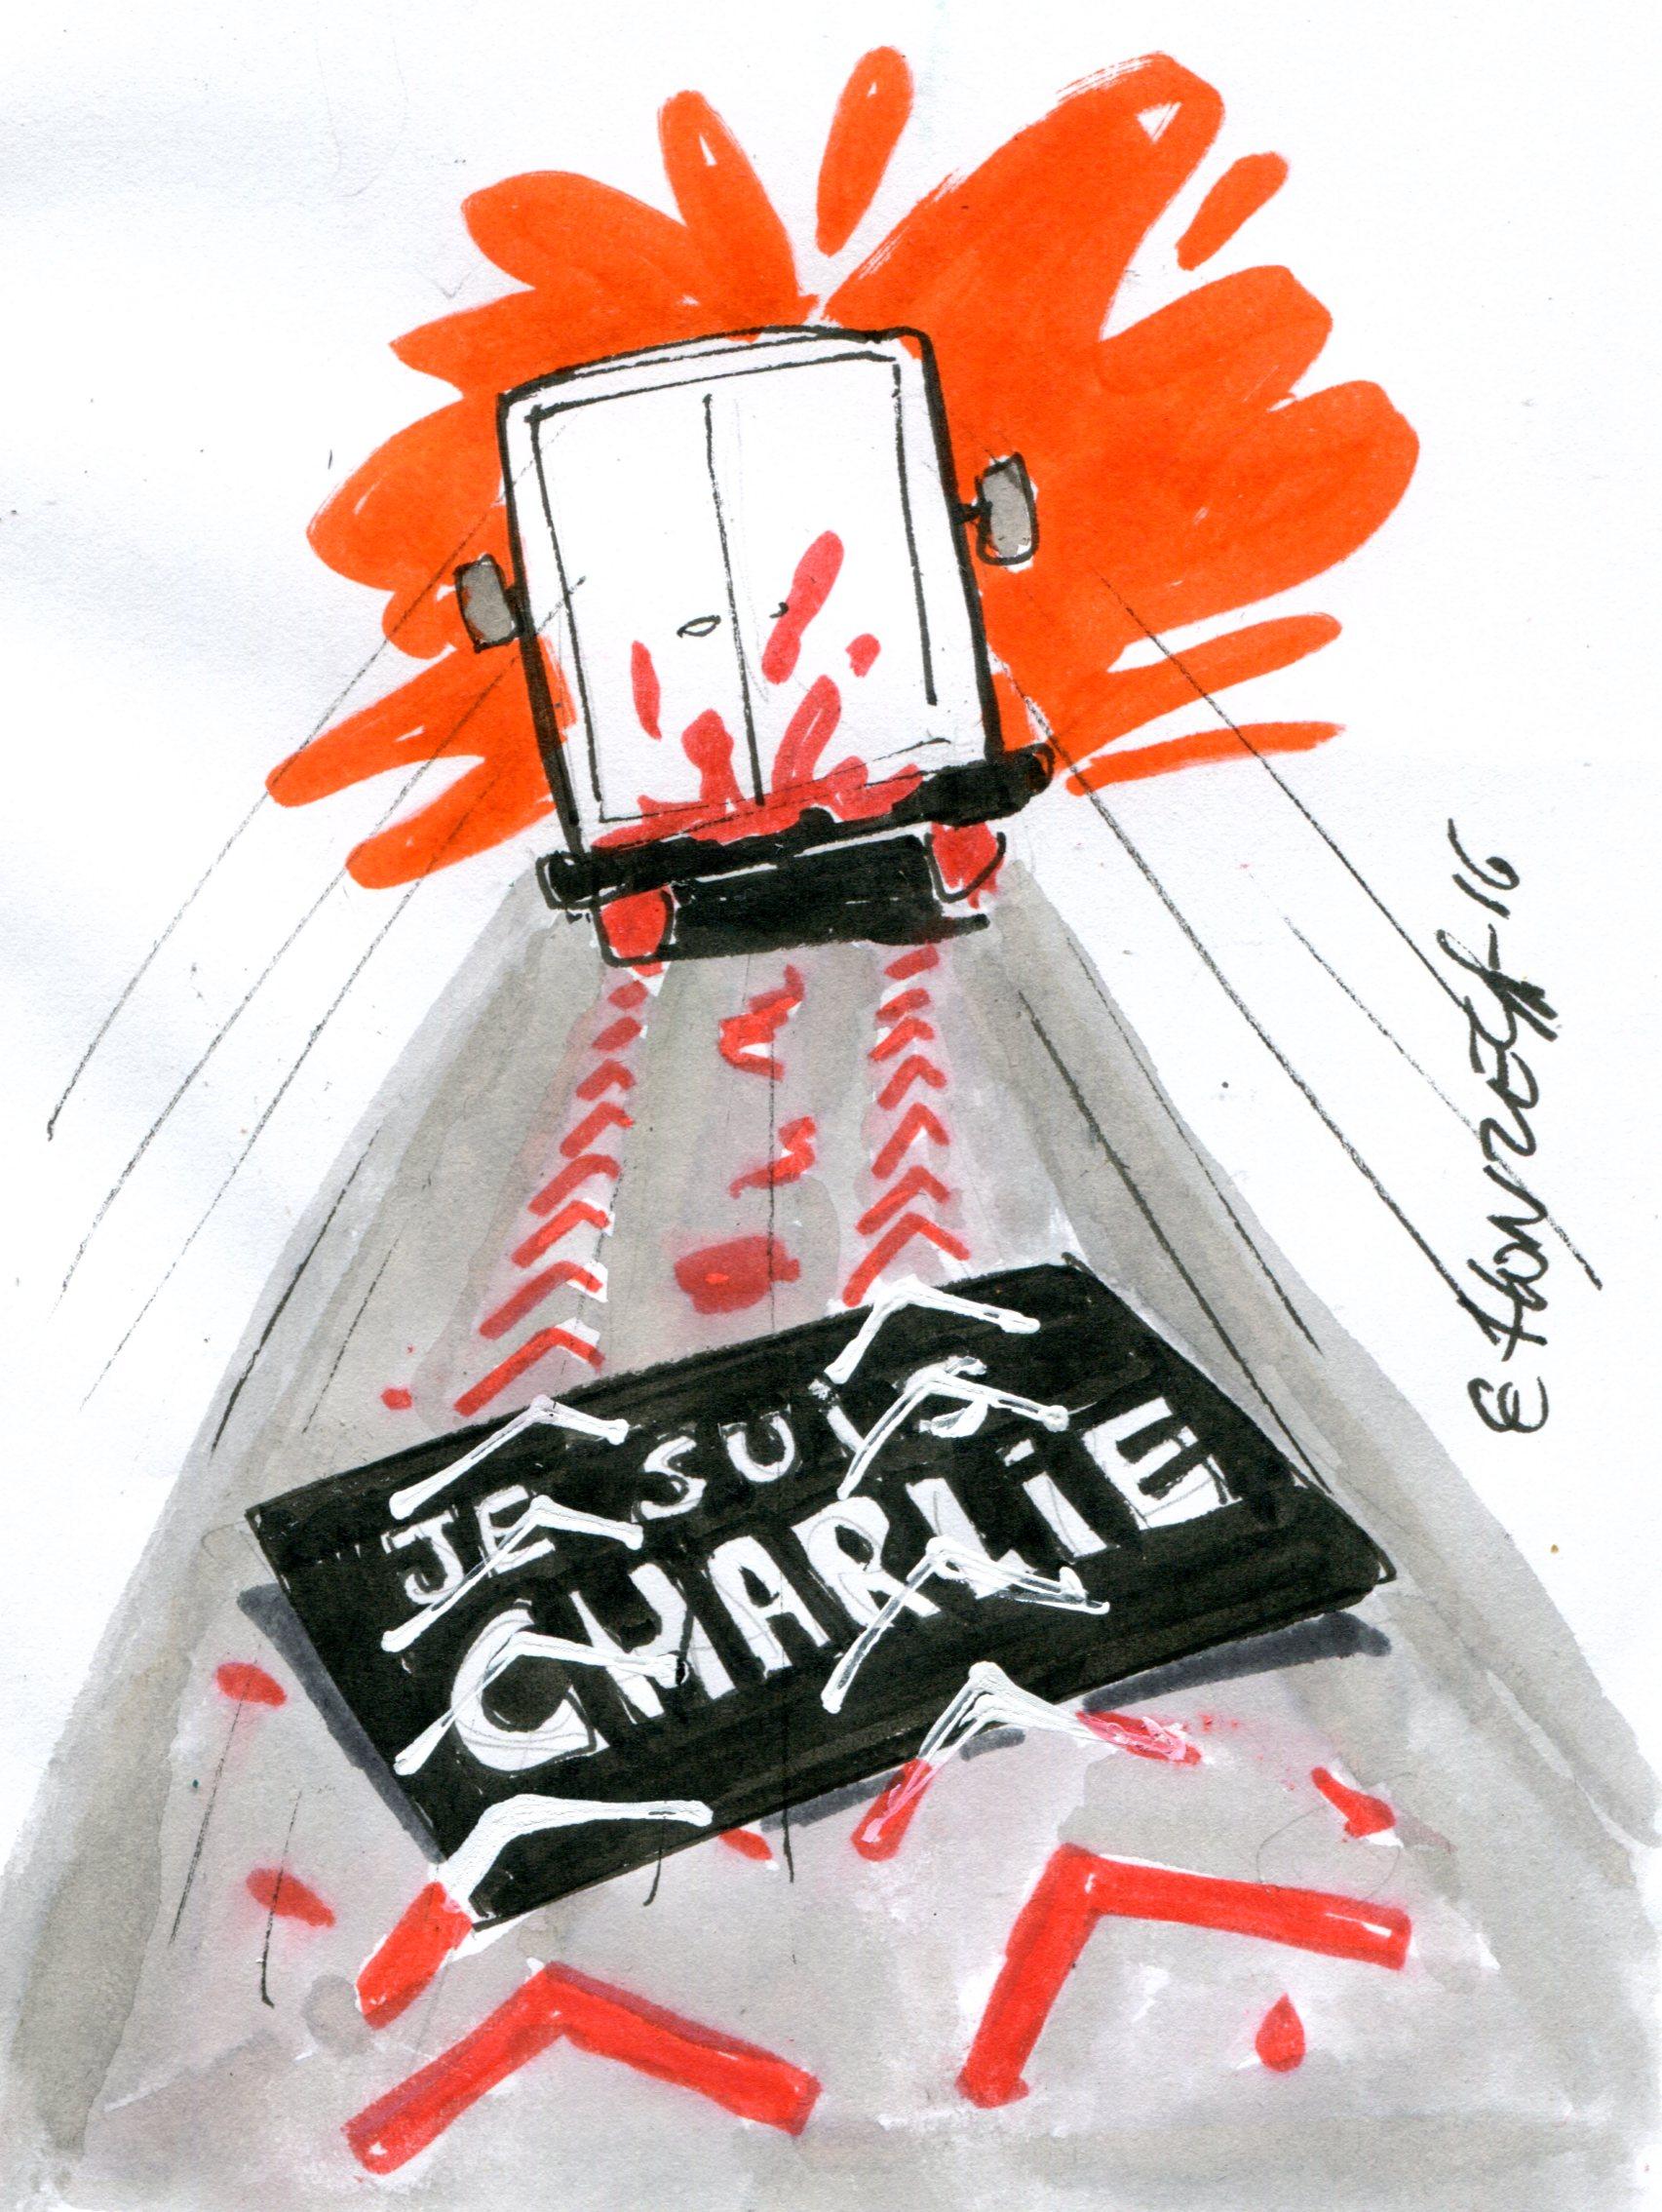 Attentat de Nice (Crédits René Le Honzec - Contrepoints.org, CC-BY 2.0)